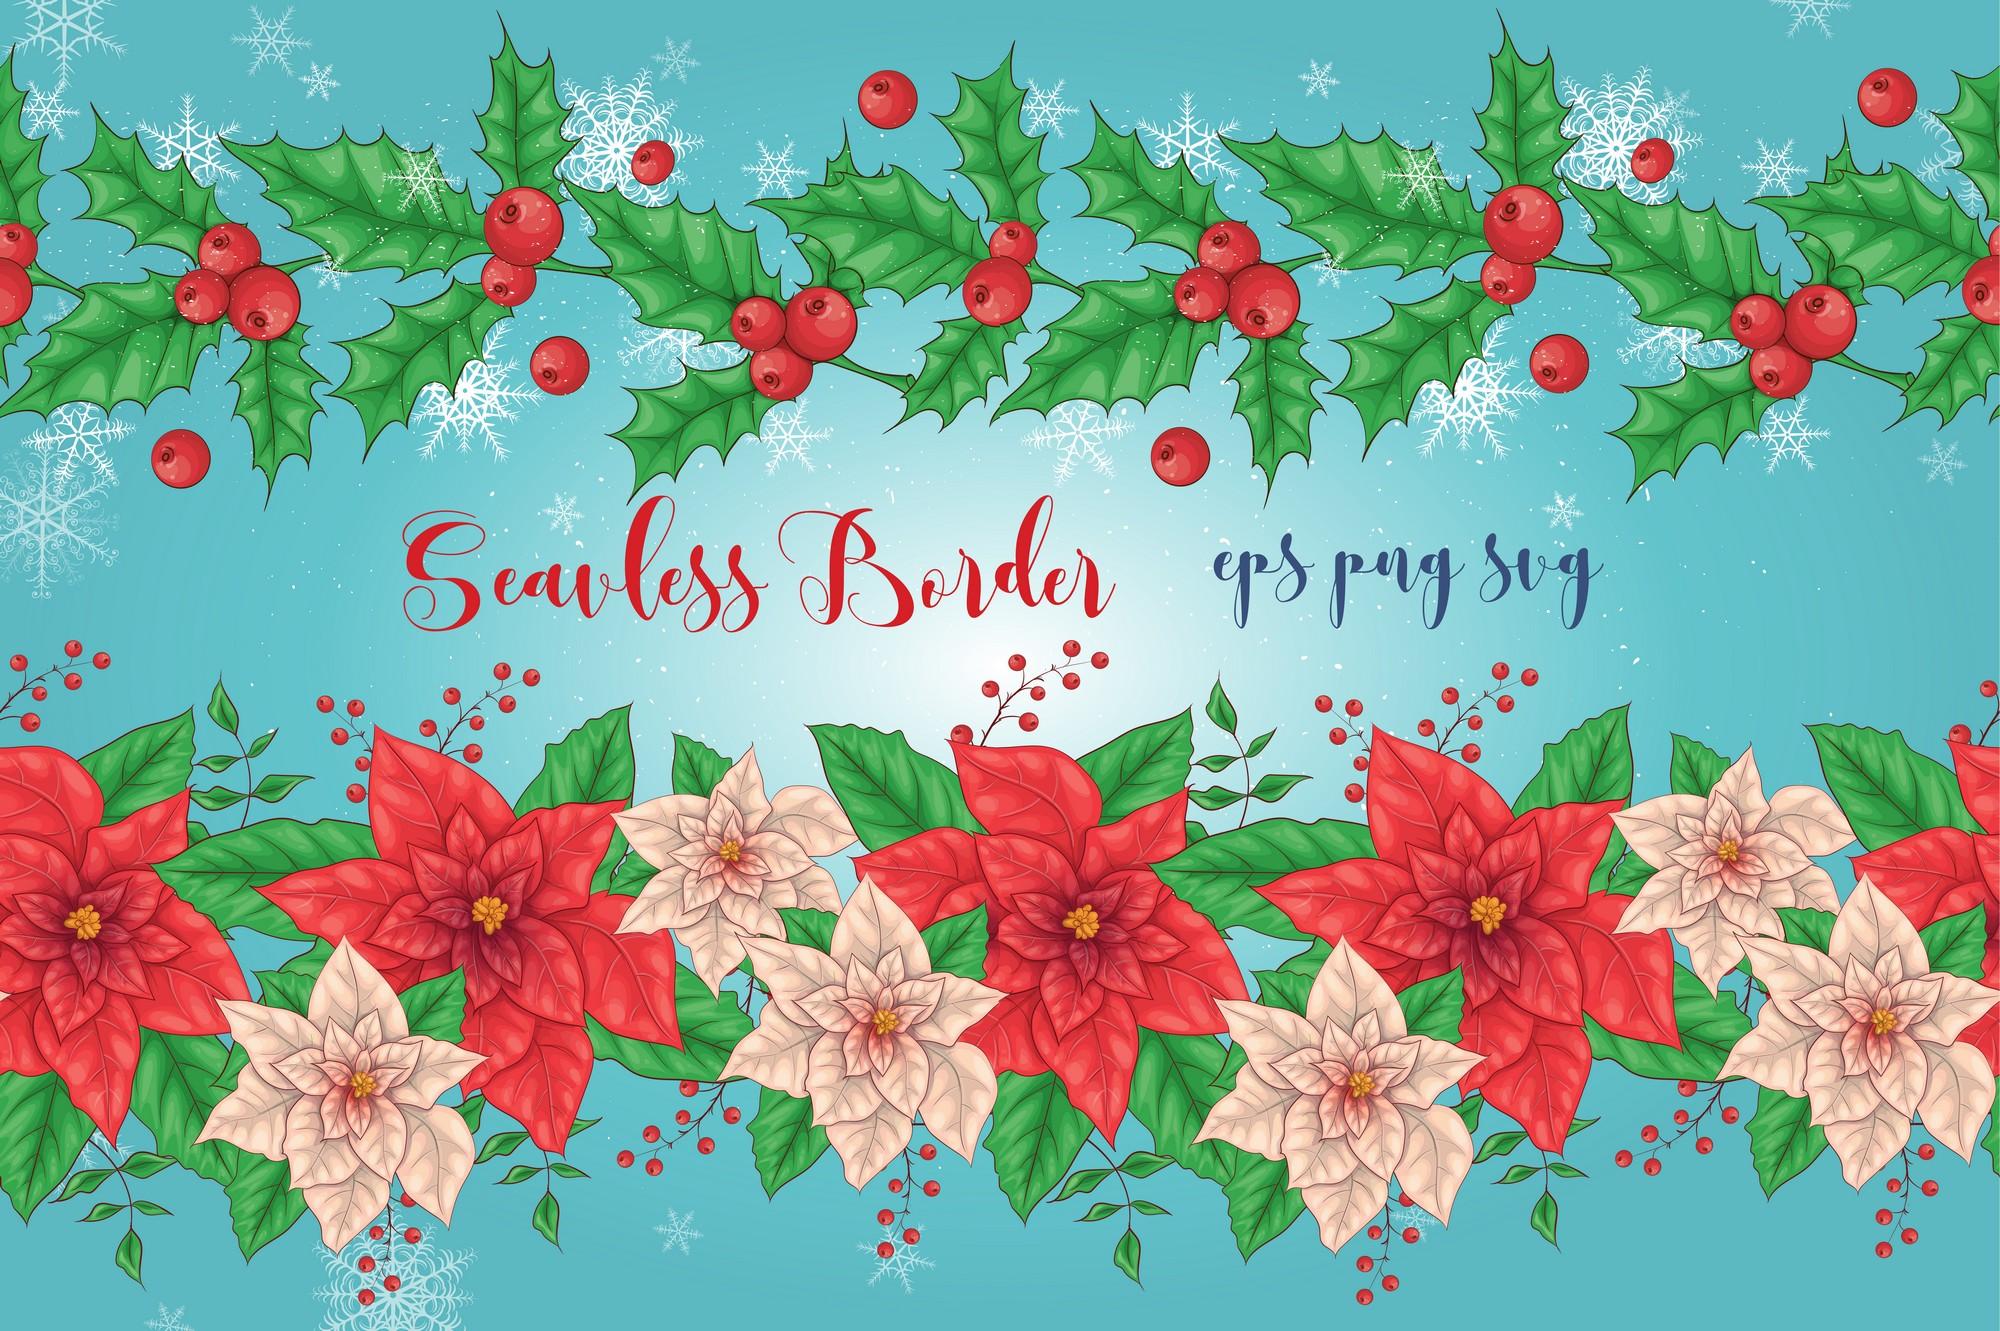 Merry Christmas Graphics Bundle - Image00005